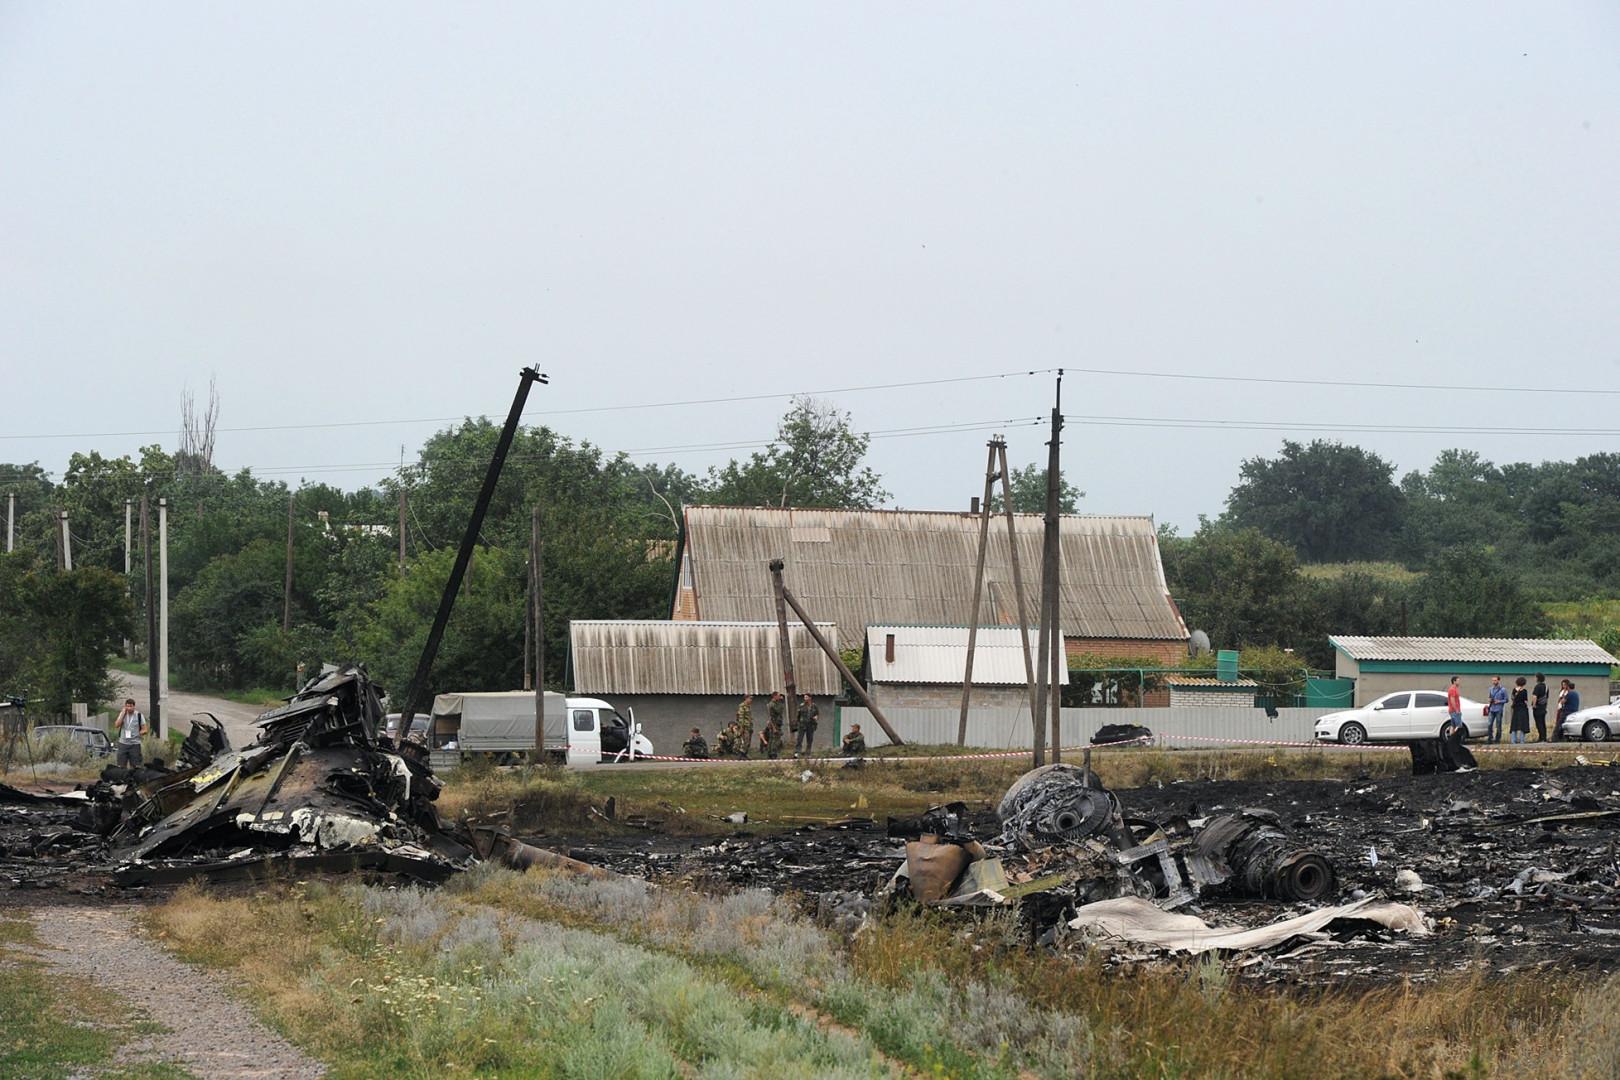 Les habitants des villages alentours ont été témoins de la chute de l'appareil, jusqu'à son explosion au sol